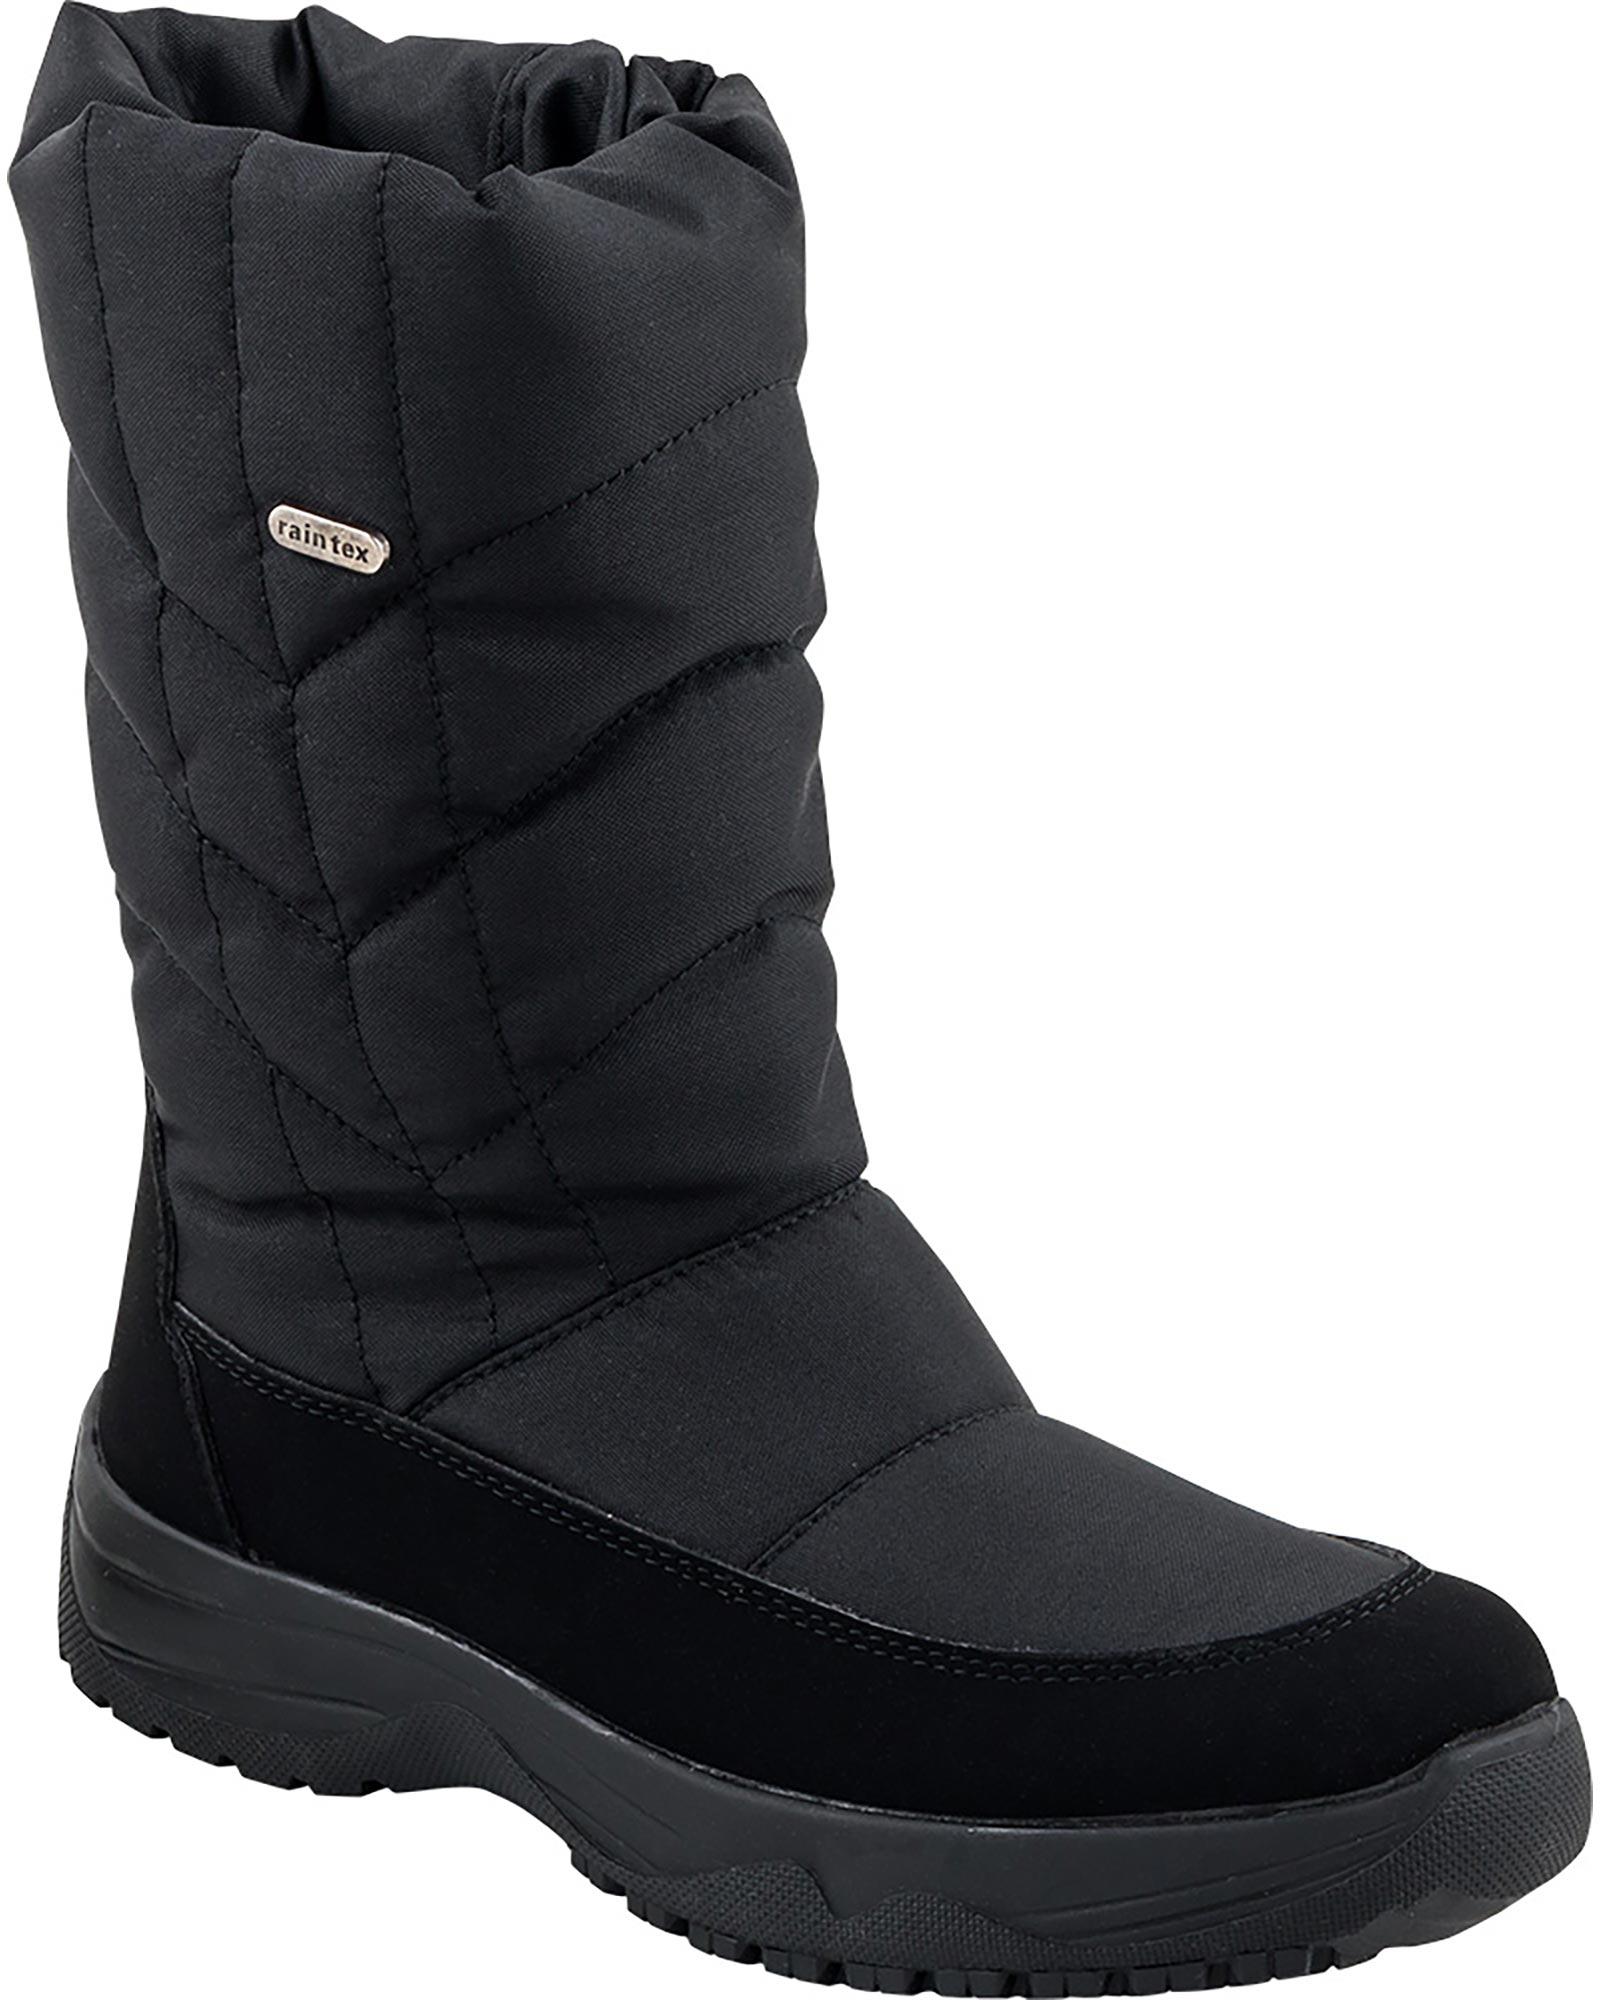 2a Mens Oc Snow Boot